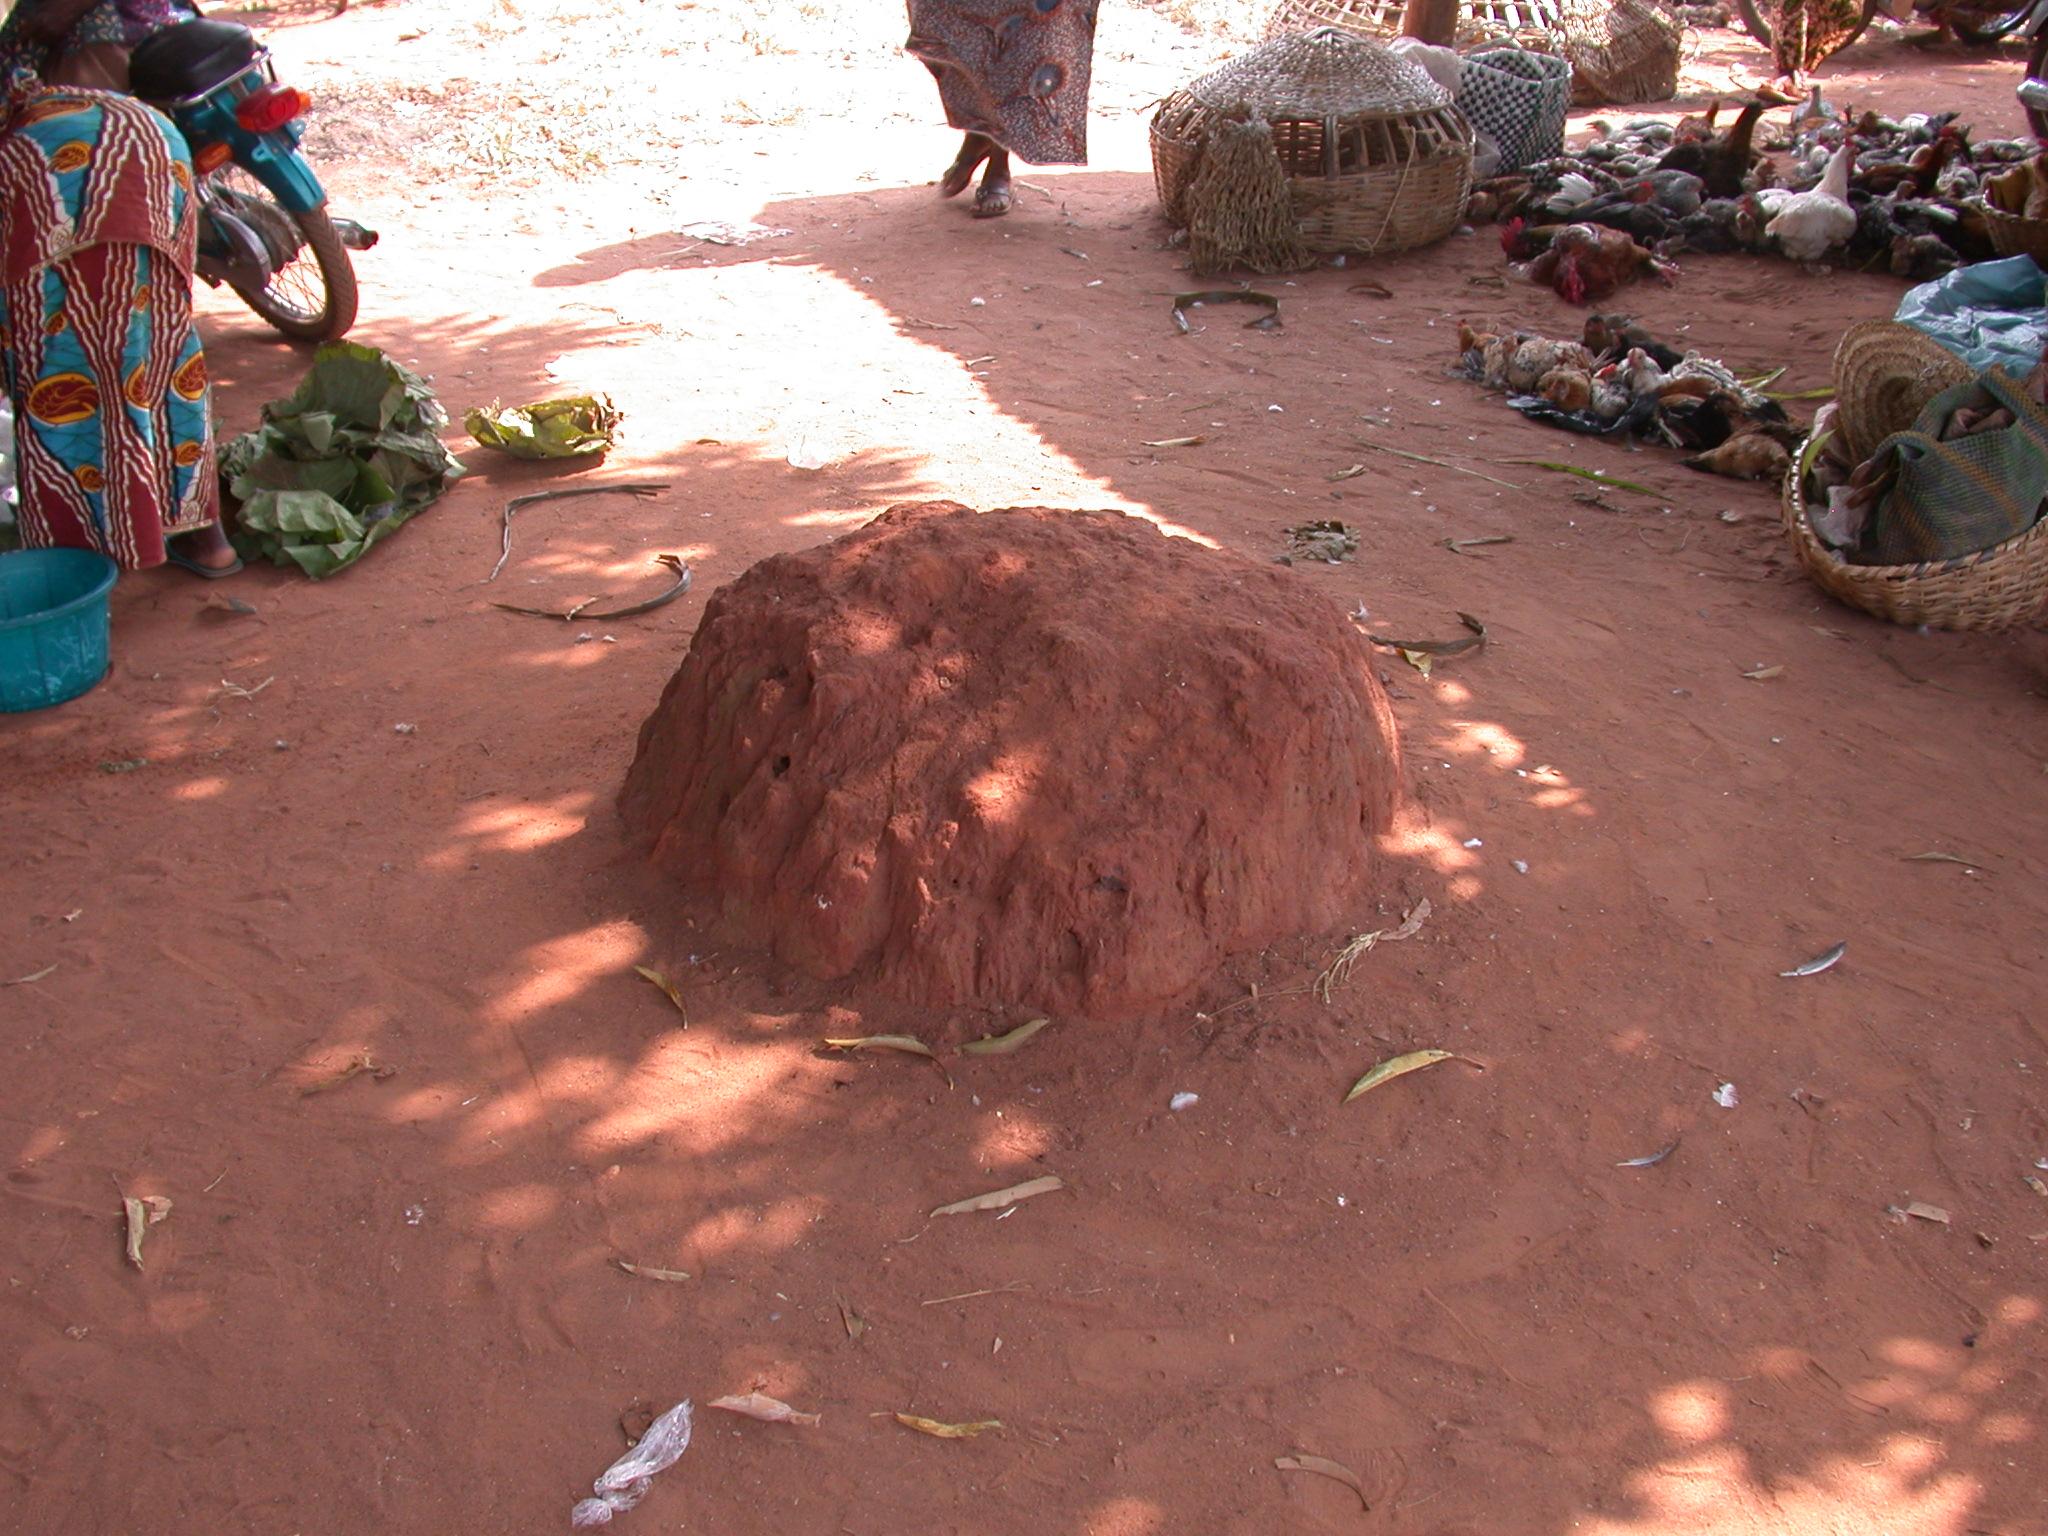 Mound Fetish, Gbedagba Market, Abomey, Benin